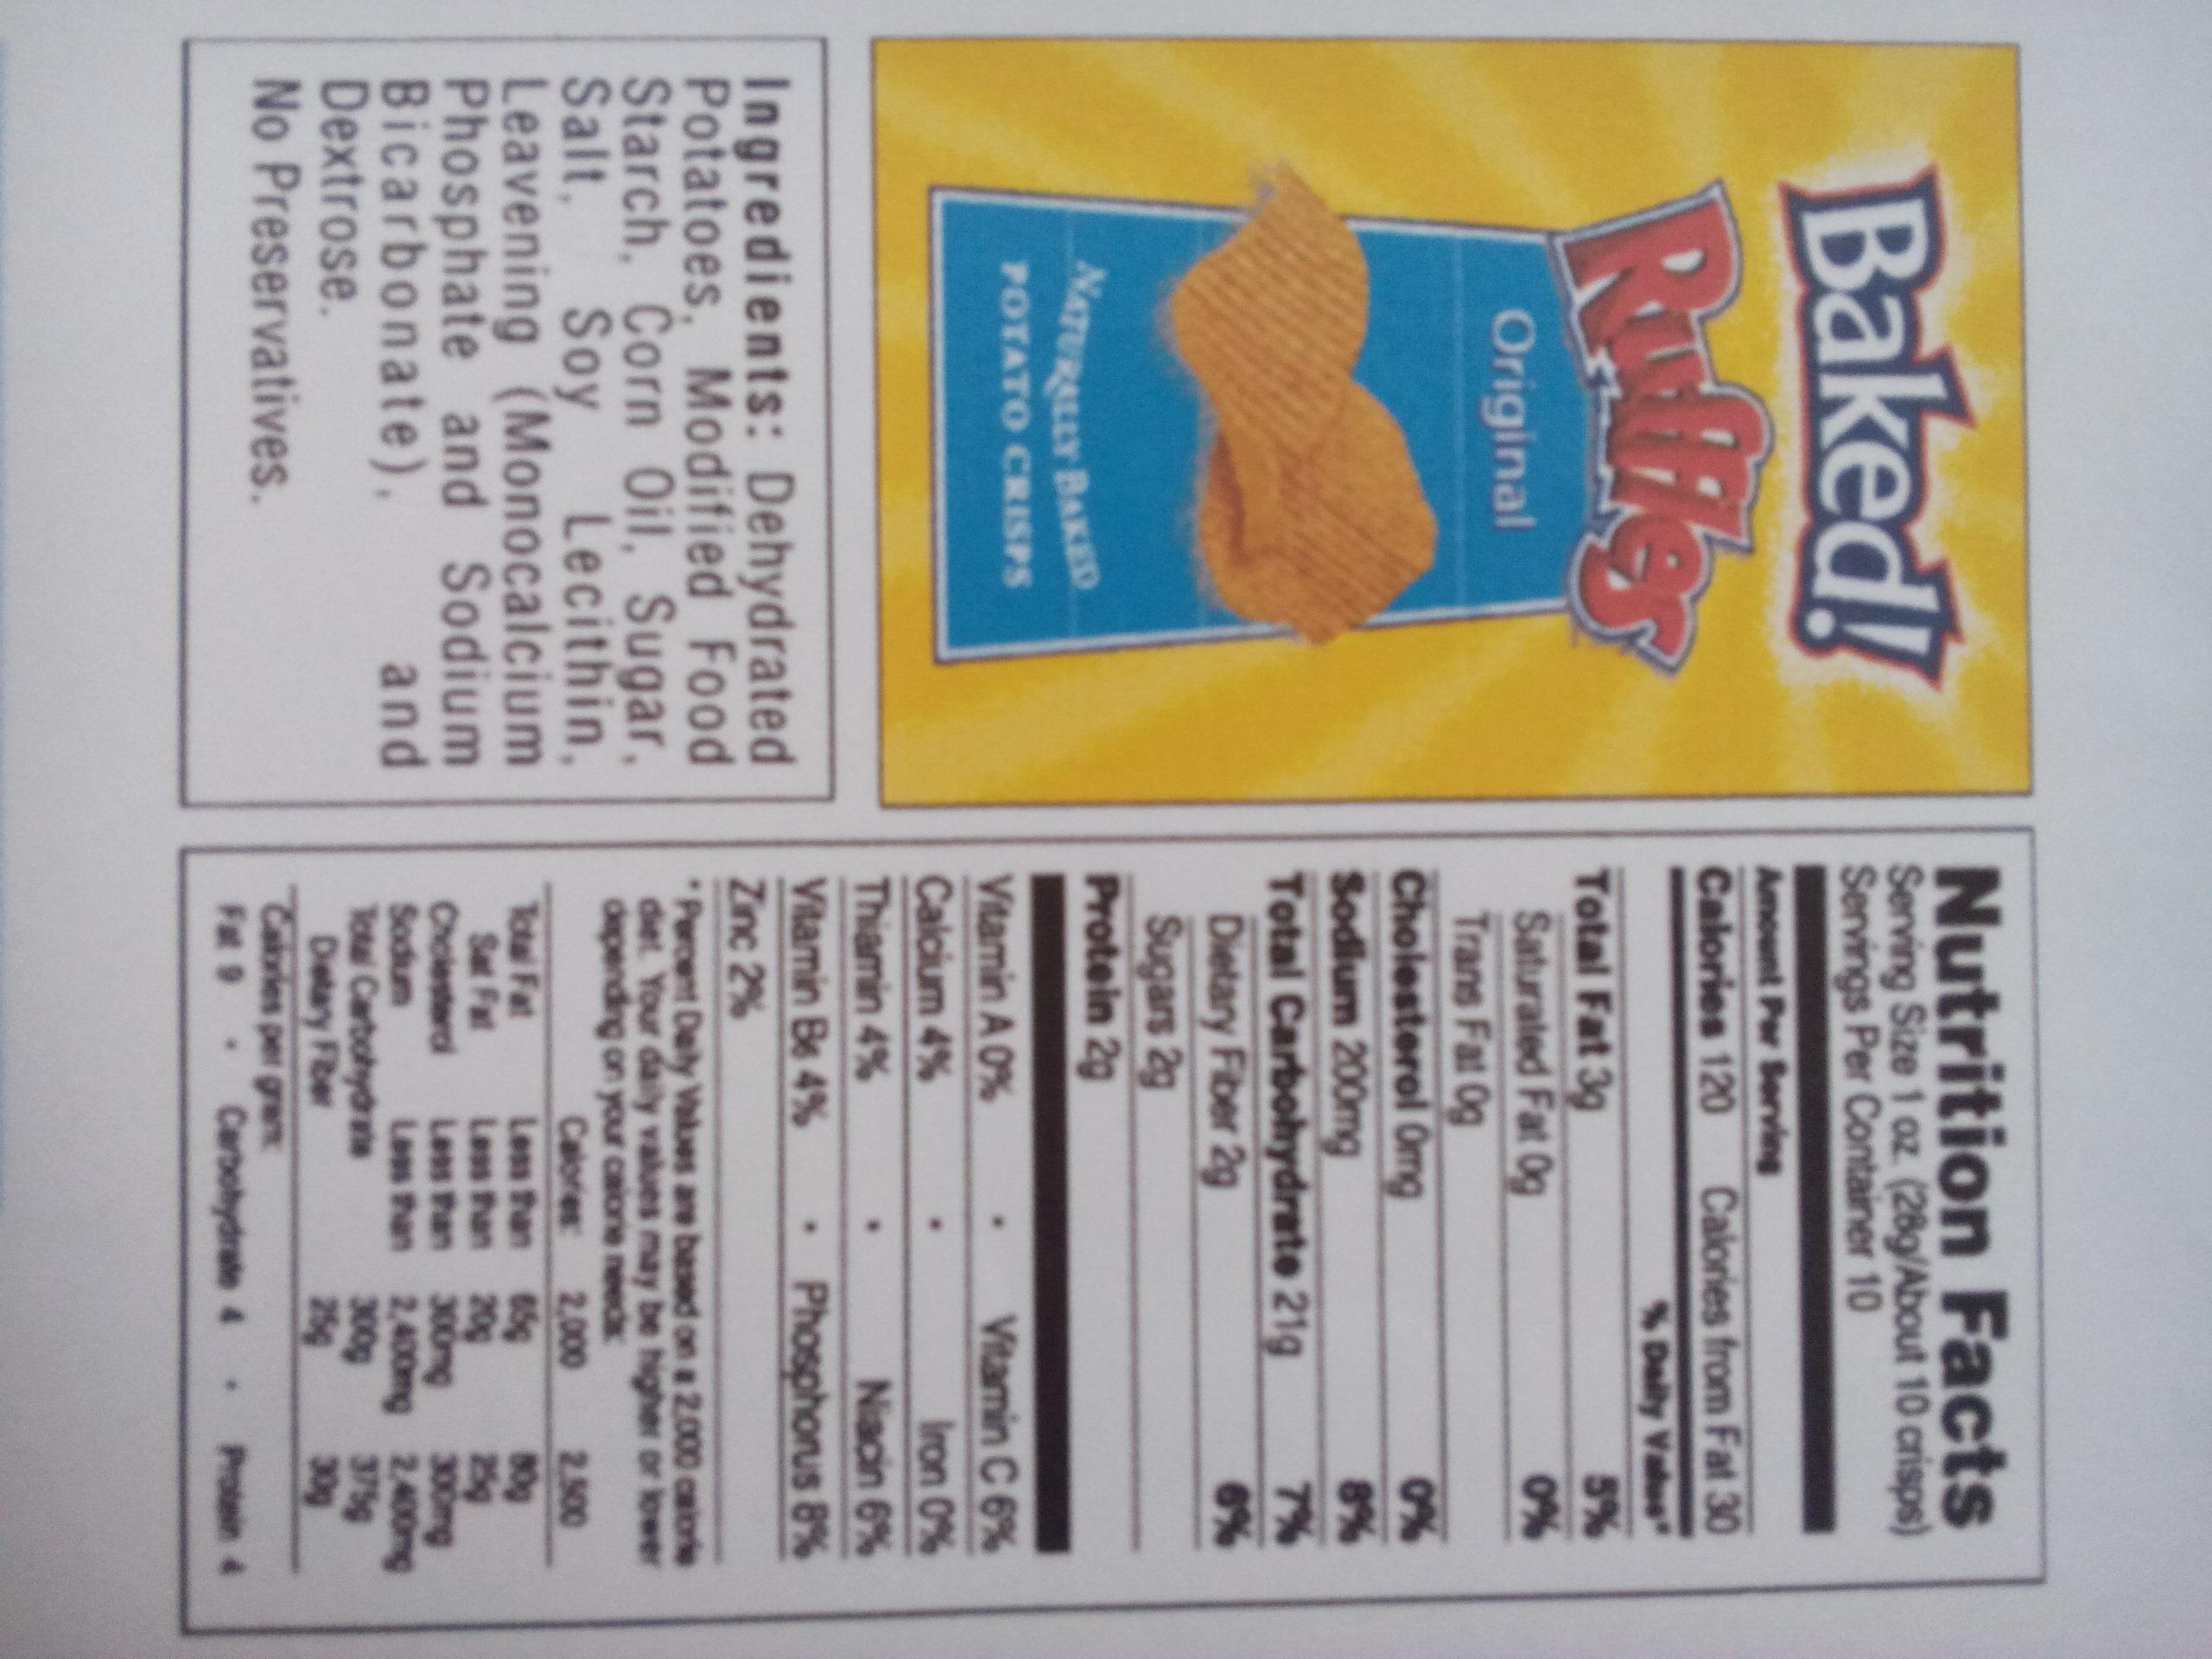 Dari Label Berikut Tolong Jawab Pertanyaan Berikut 1 Name Of The Product 2 Content Amount 3 Brainly Co Id